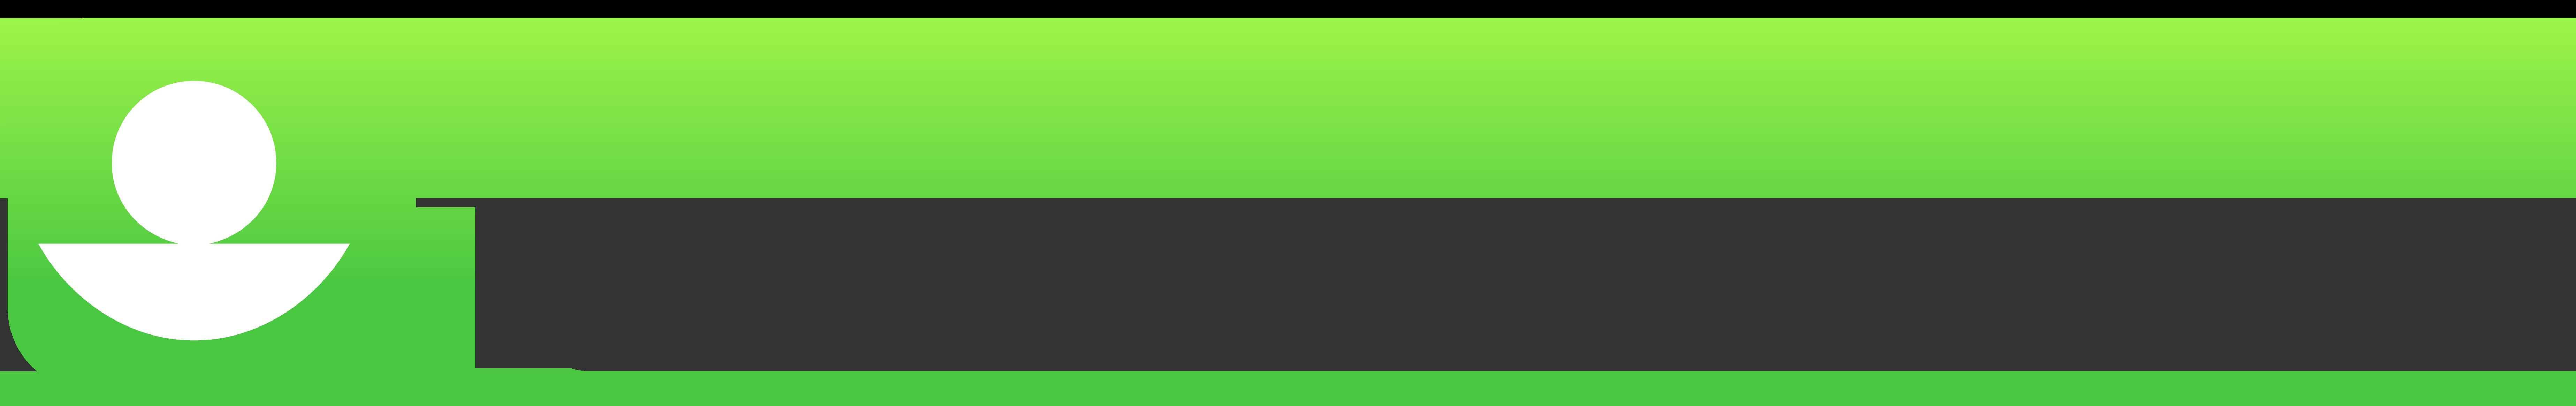 タブレット タイムレコーダー